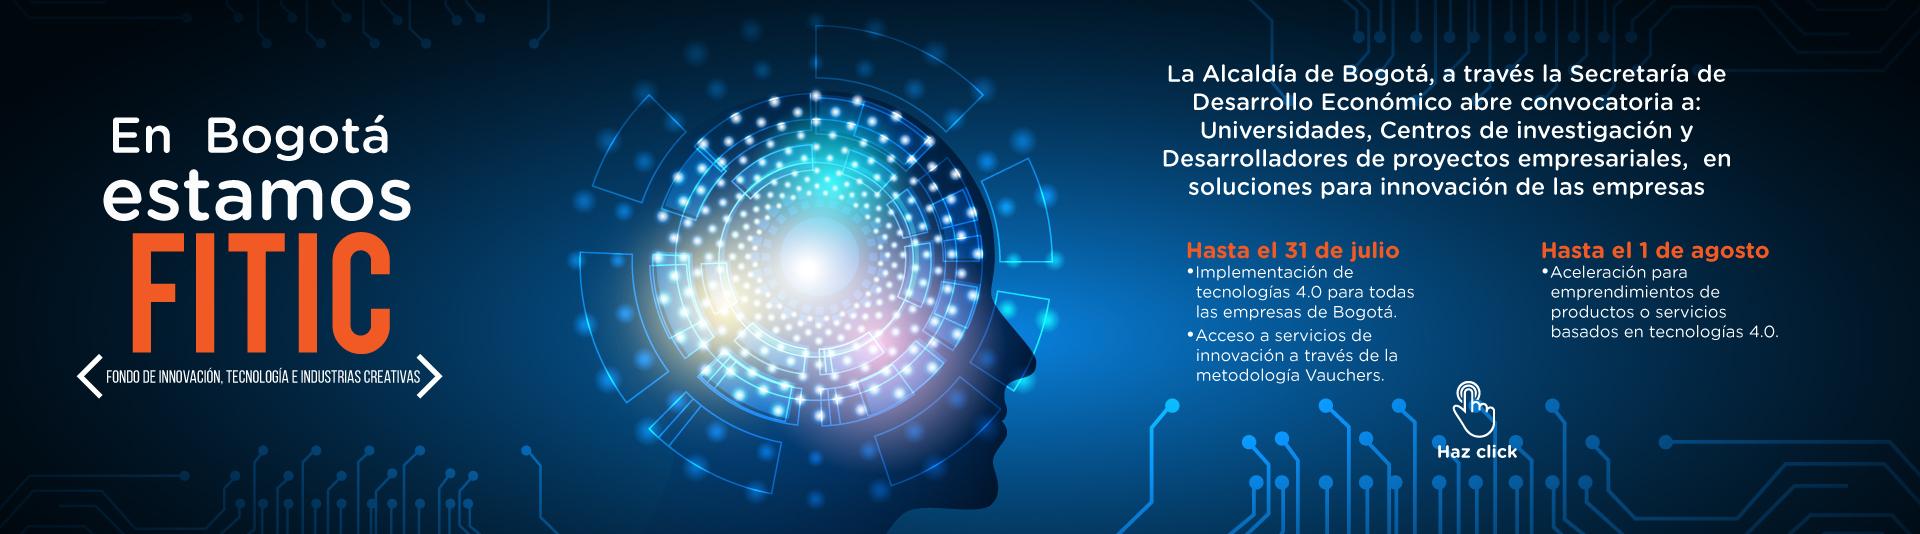 Convocatoria solicitudes de información Fondo de Innovación, Tecnología e Industrias Creativas (FITIC) de Bogotá